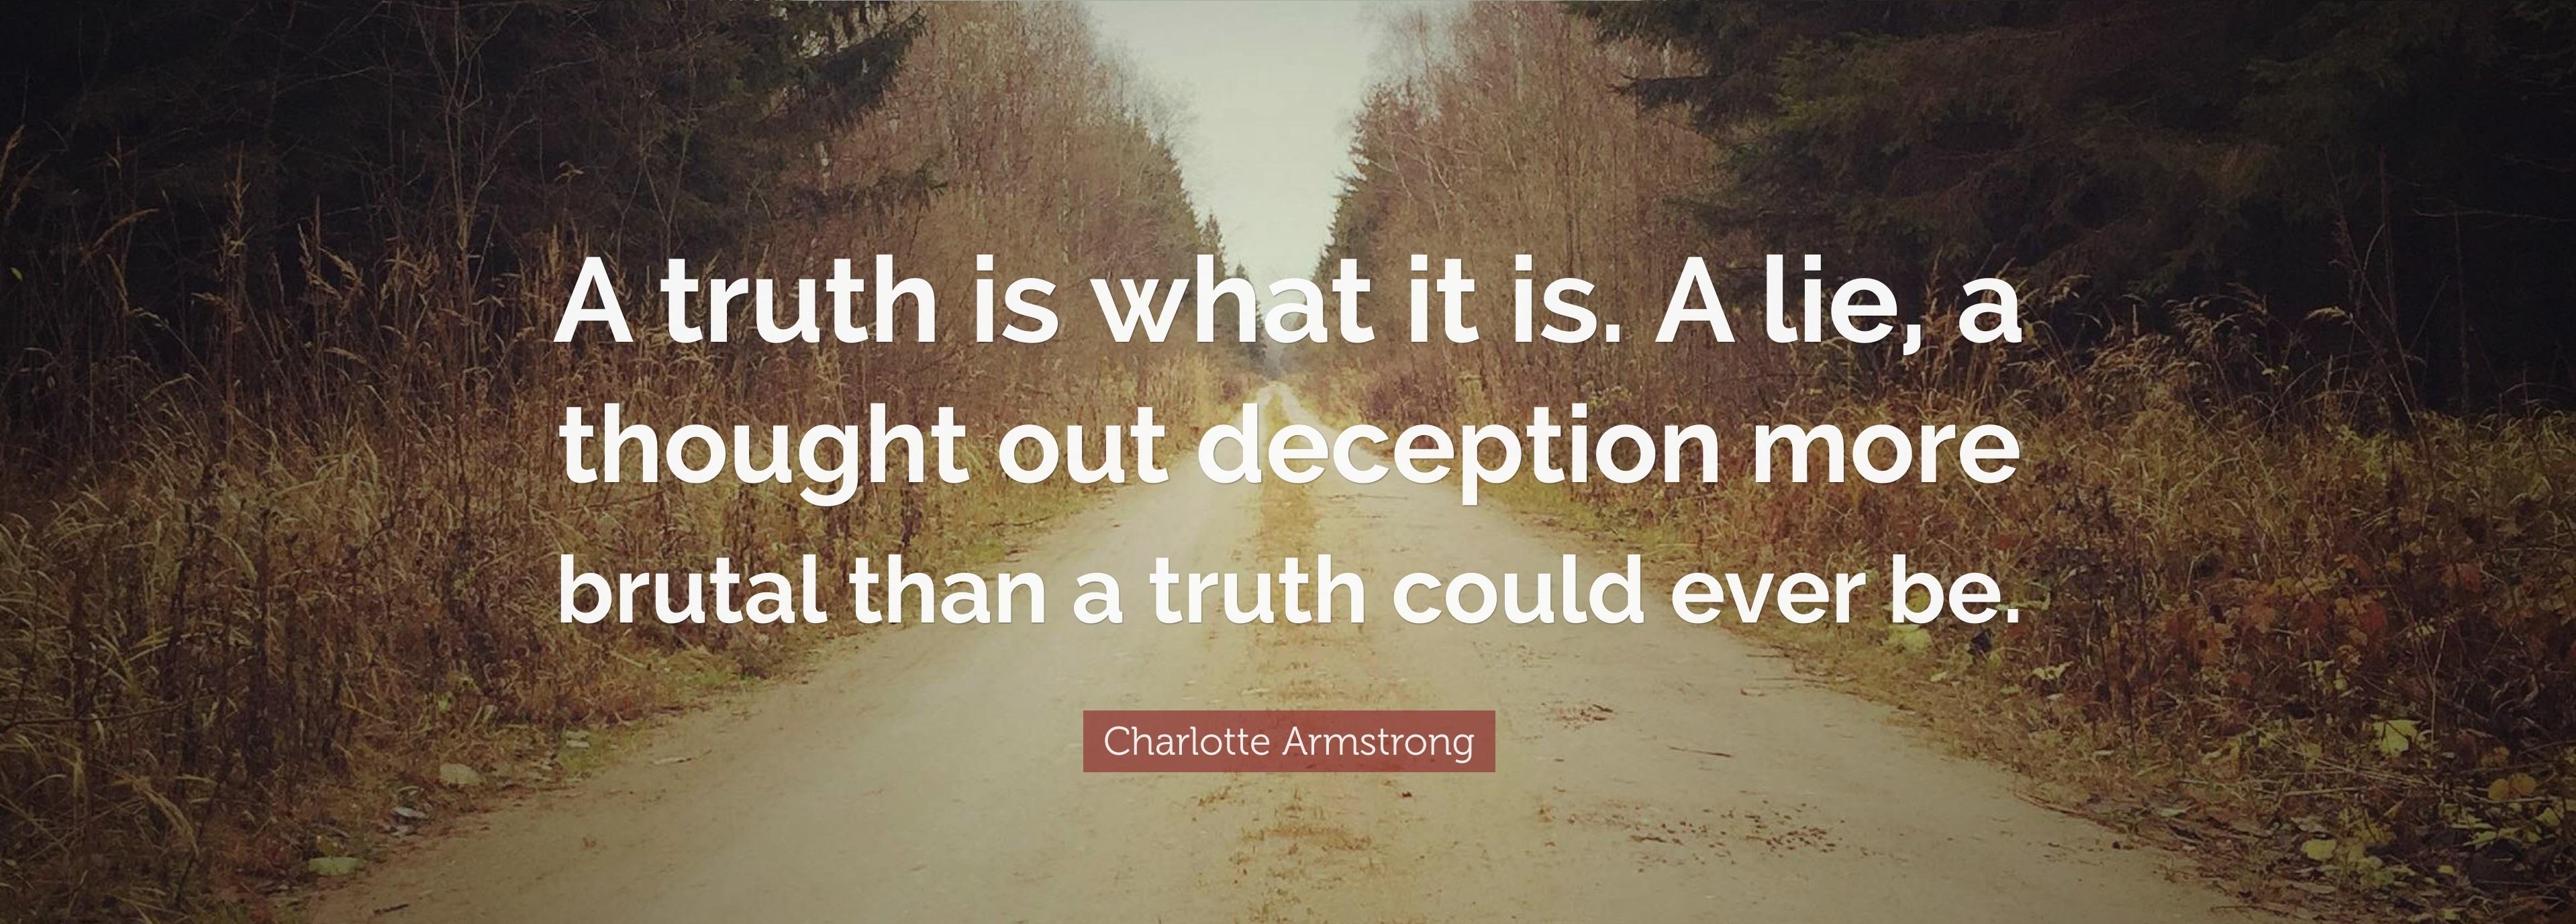 シャーロット・アームストロング名言2